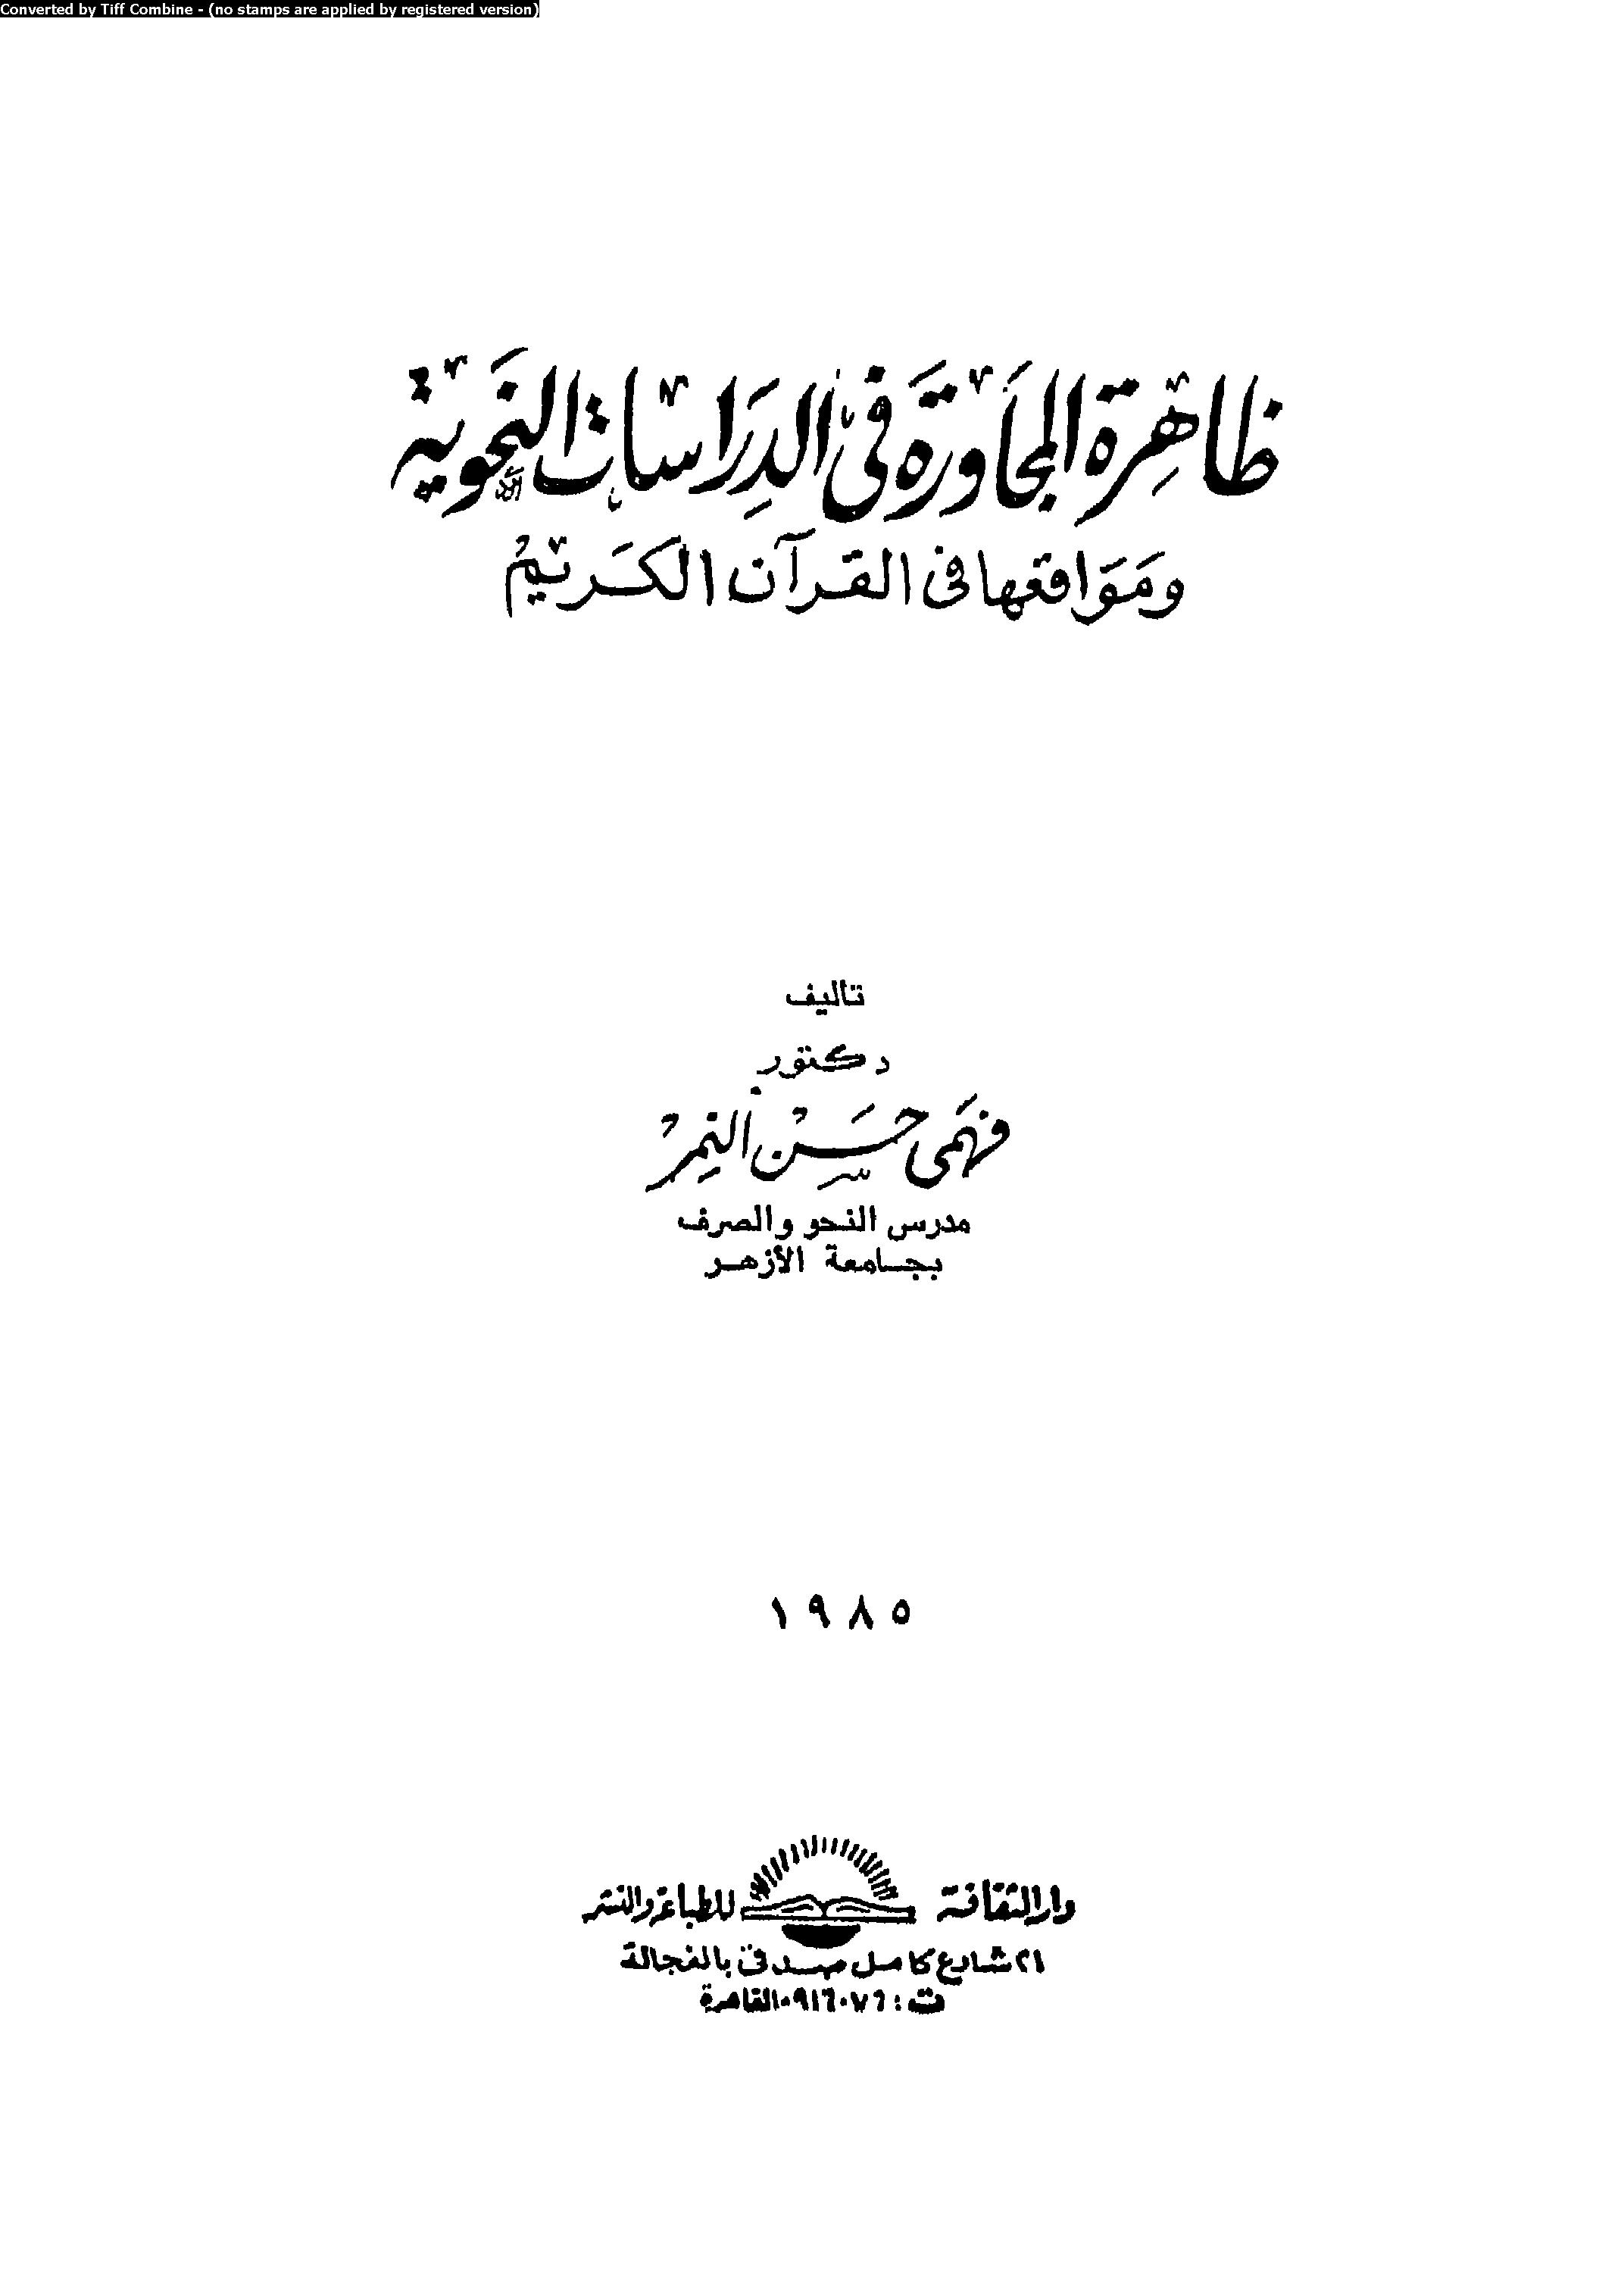 تحميل كتاب ظاهرة المجاورة في الدراسات النحوية ومواقعها في القرآن الكريم لـِ: الدكتور فهمي حسن النمر